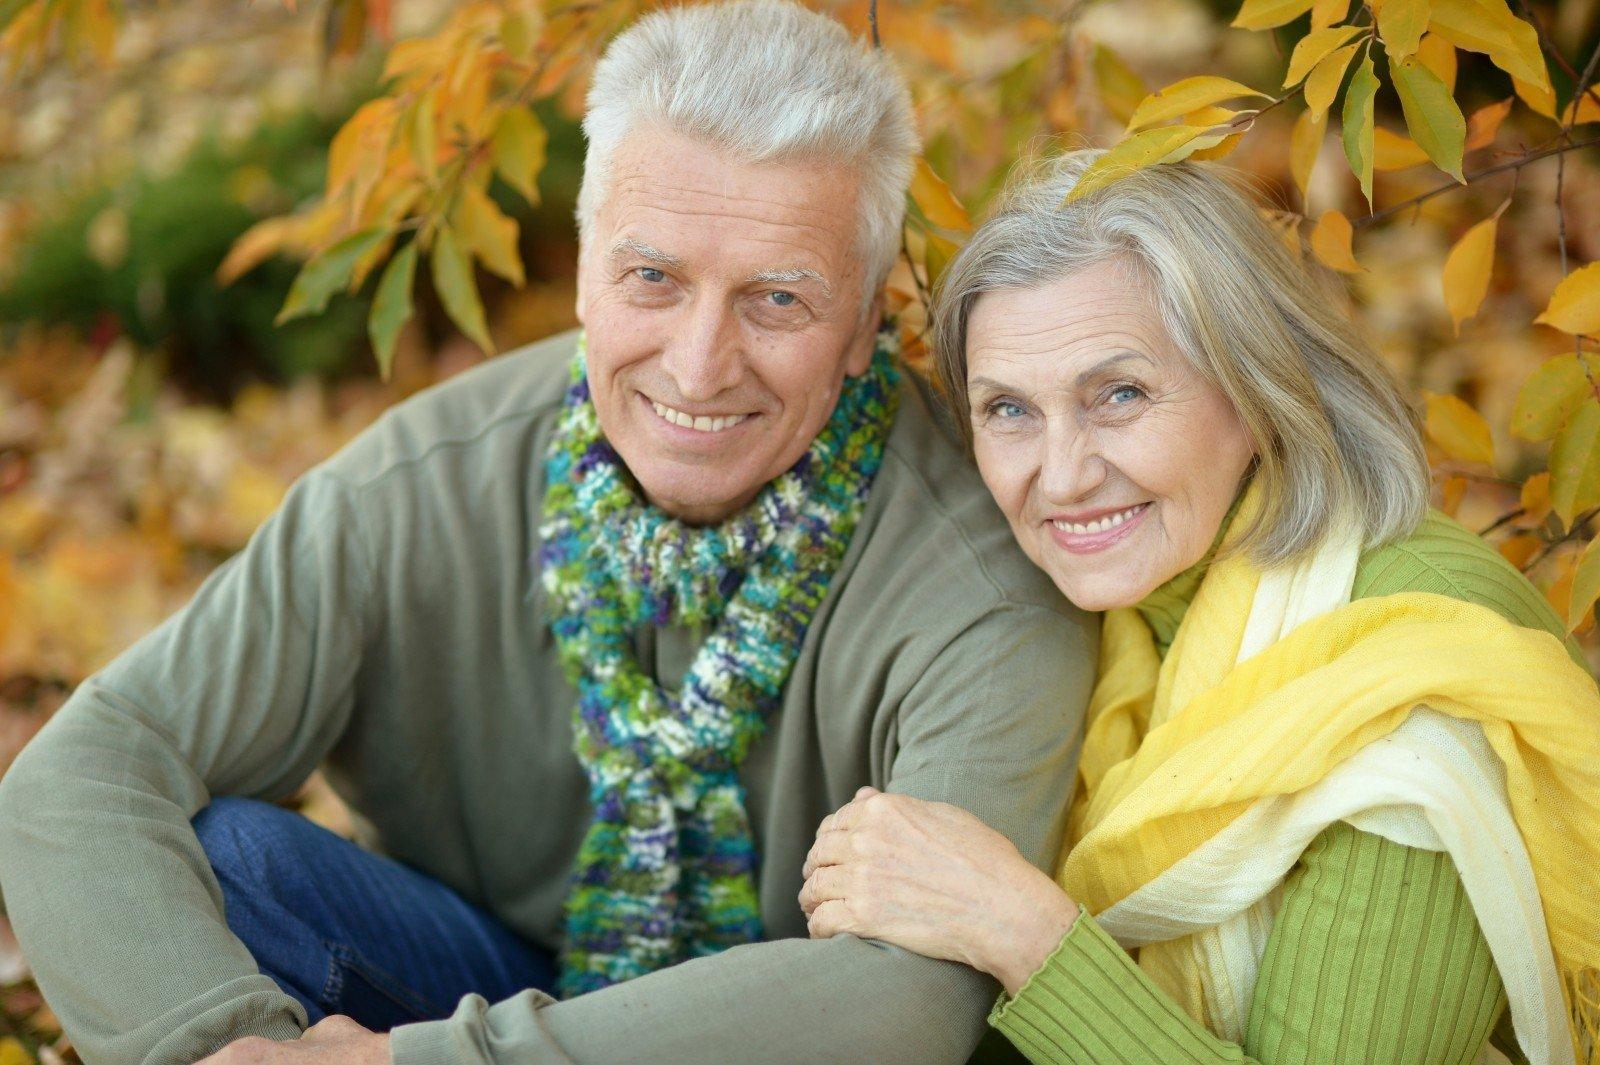 профессиональный красивые пожилые люди фото этих фото